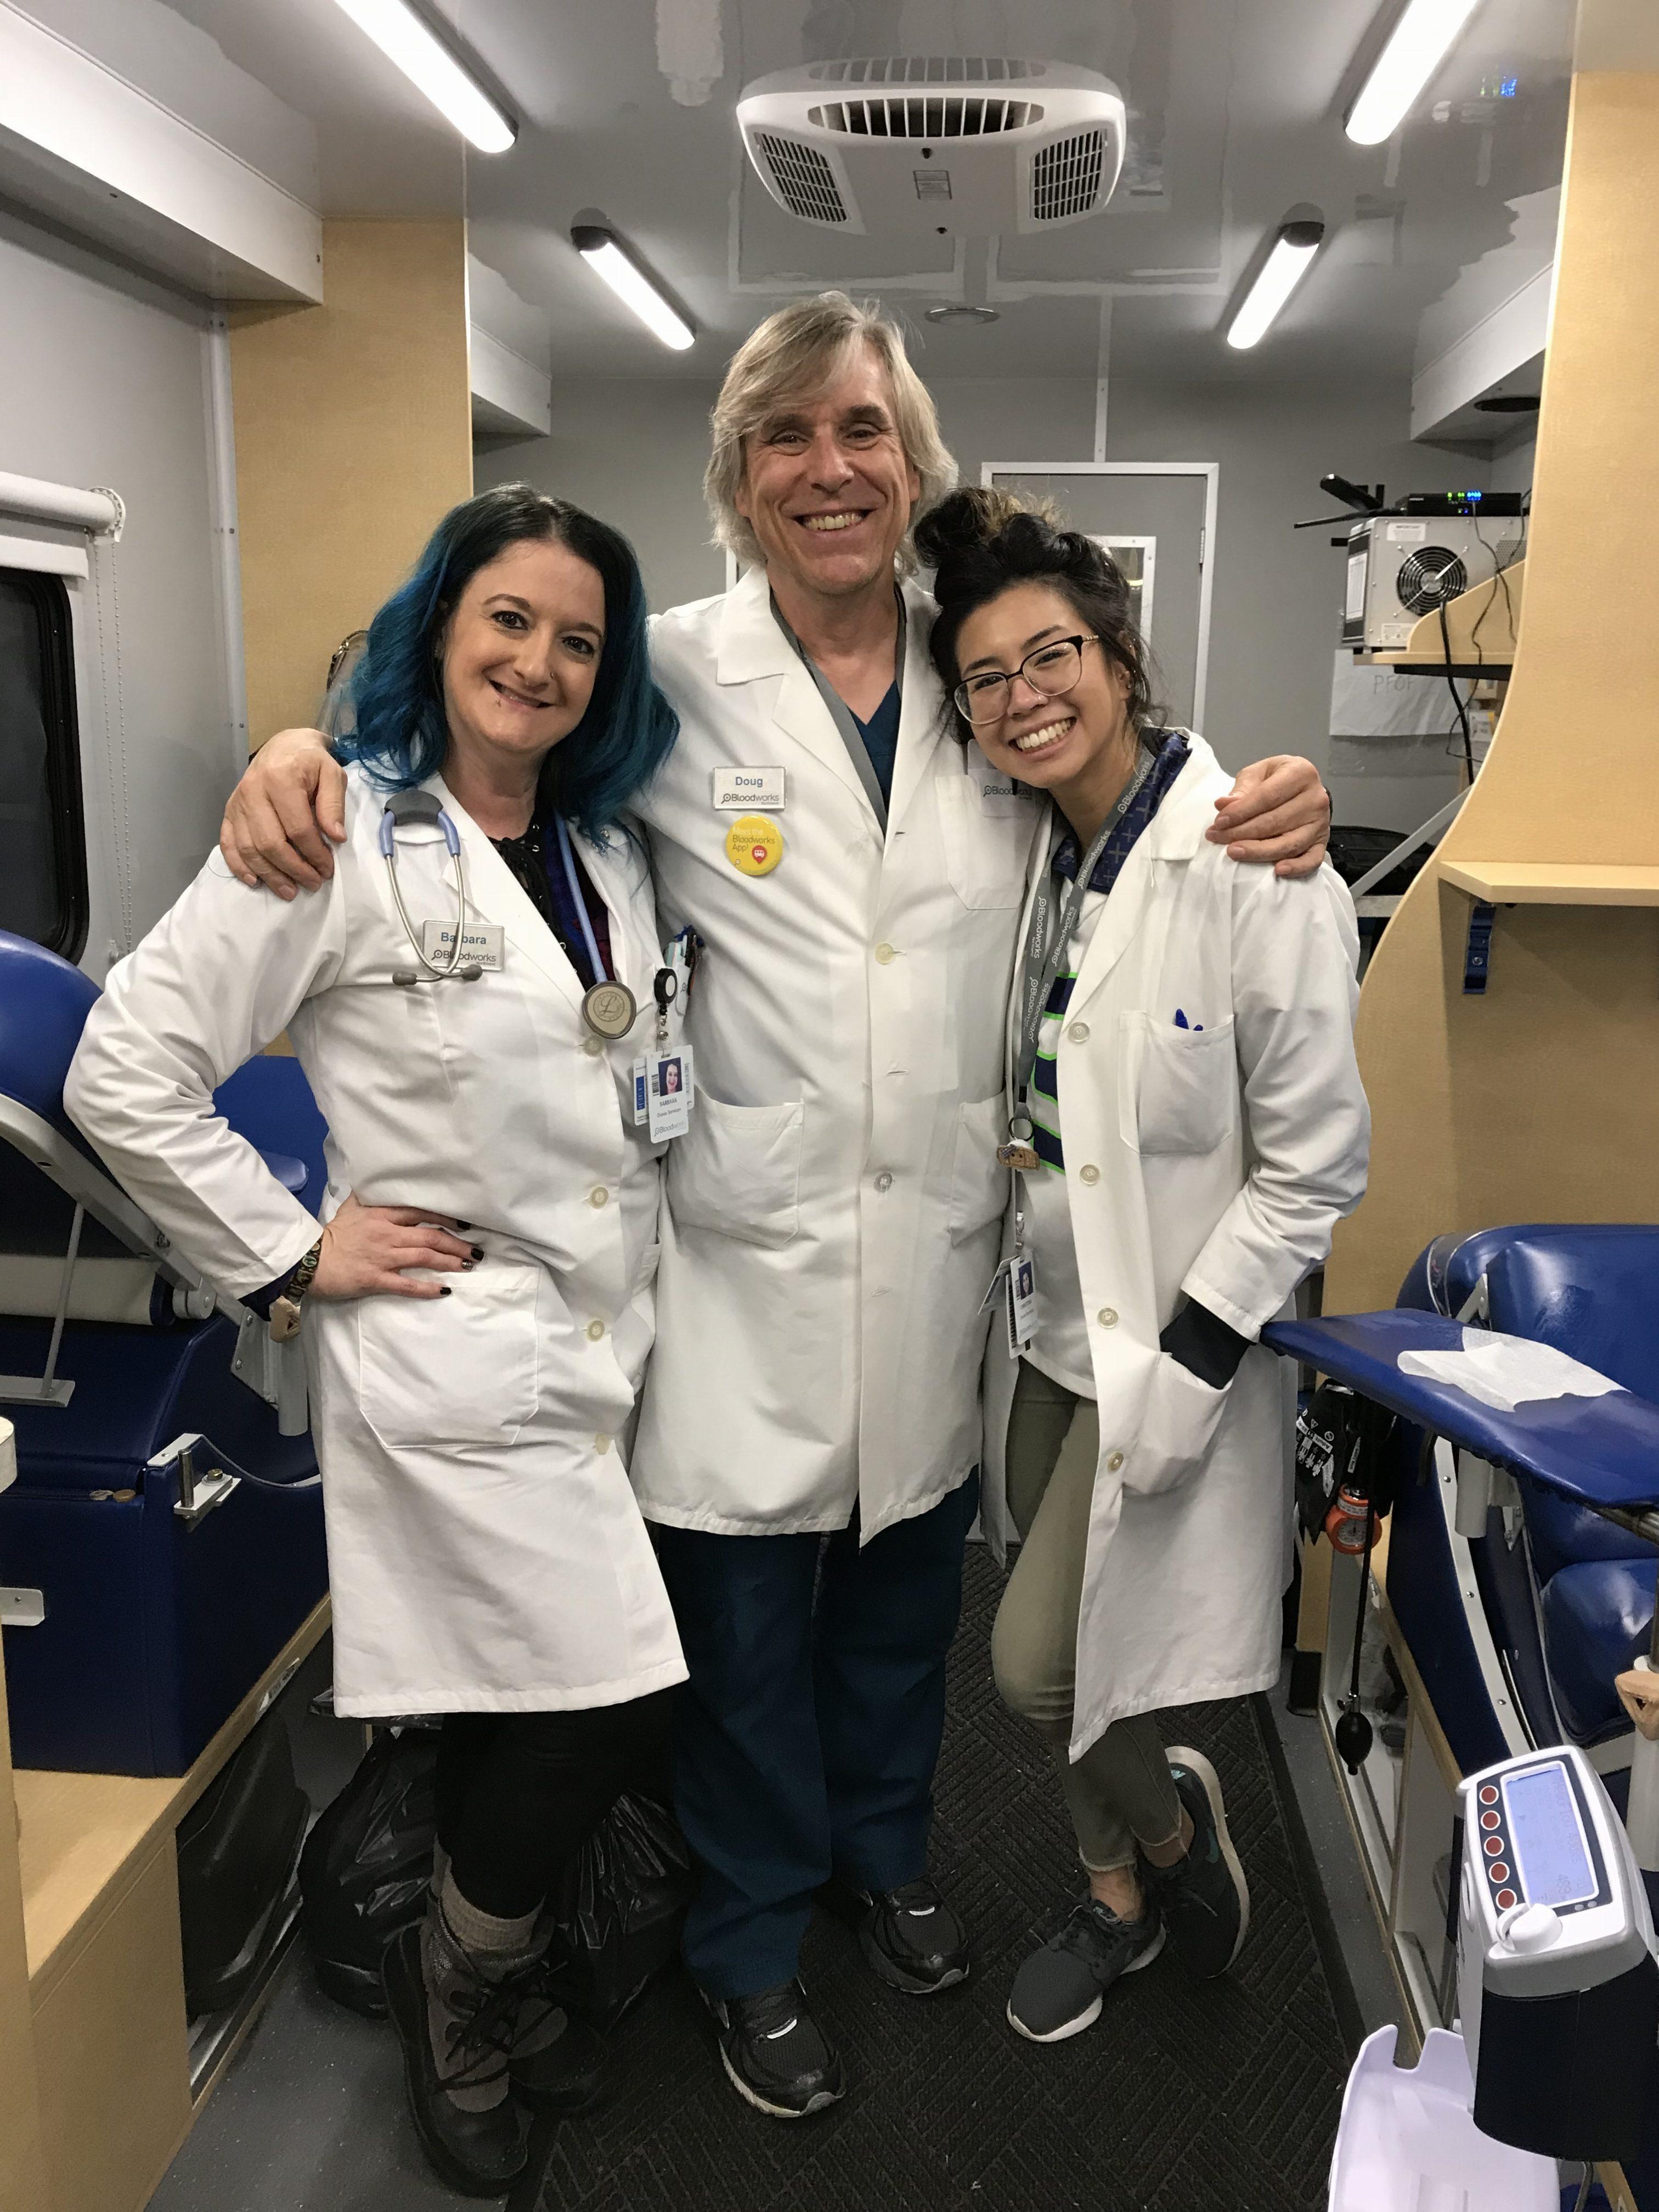 Three Northwest Bloodworks employees